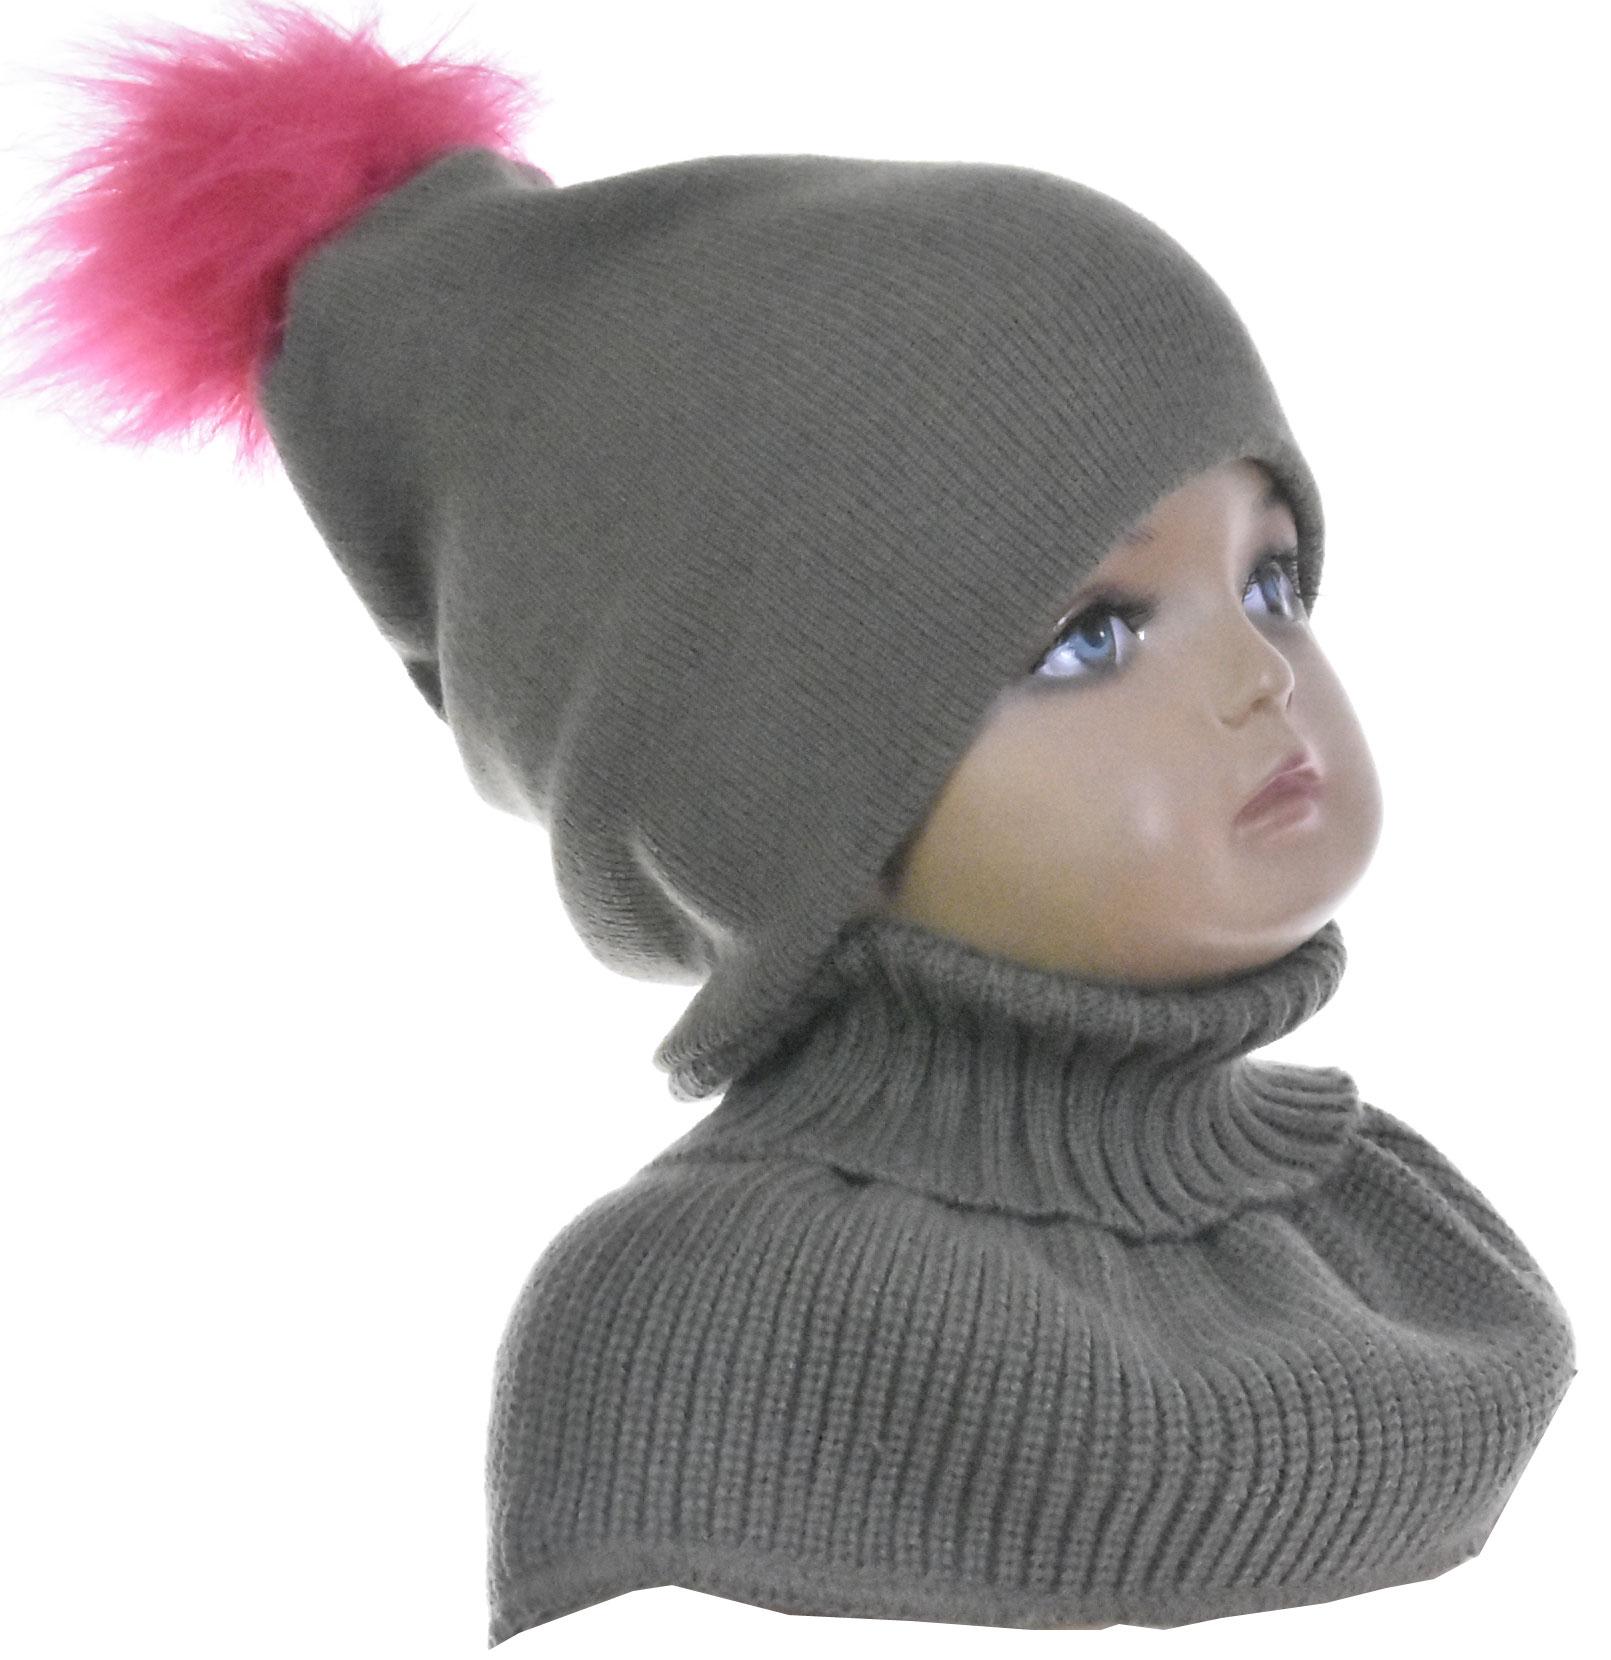 Oryginał Komplet niemowlęcy czapka i szalik golf khaki 1143 KOMPLETY CZAPKA EB99